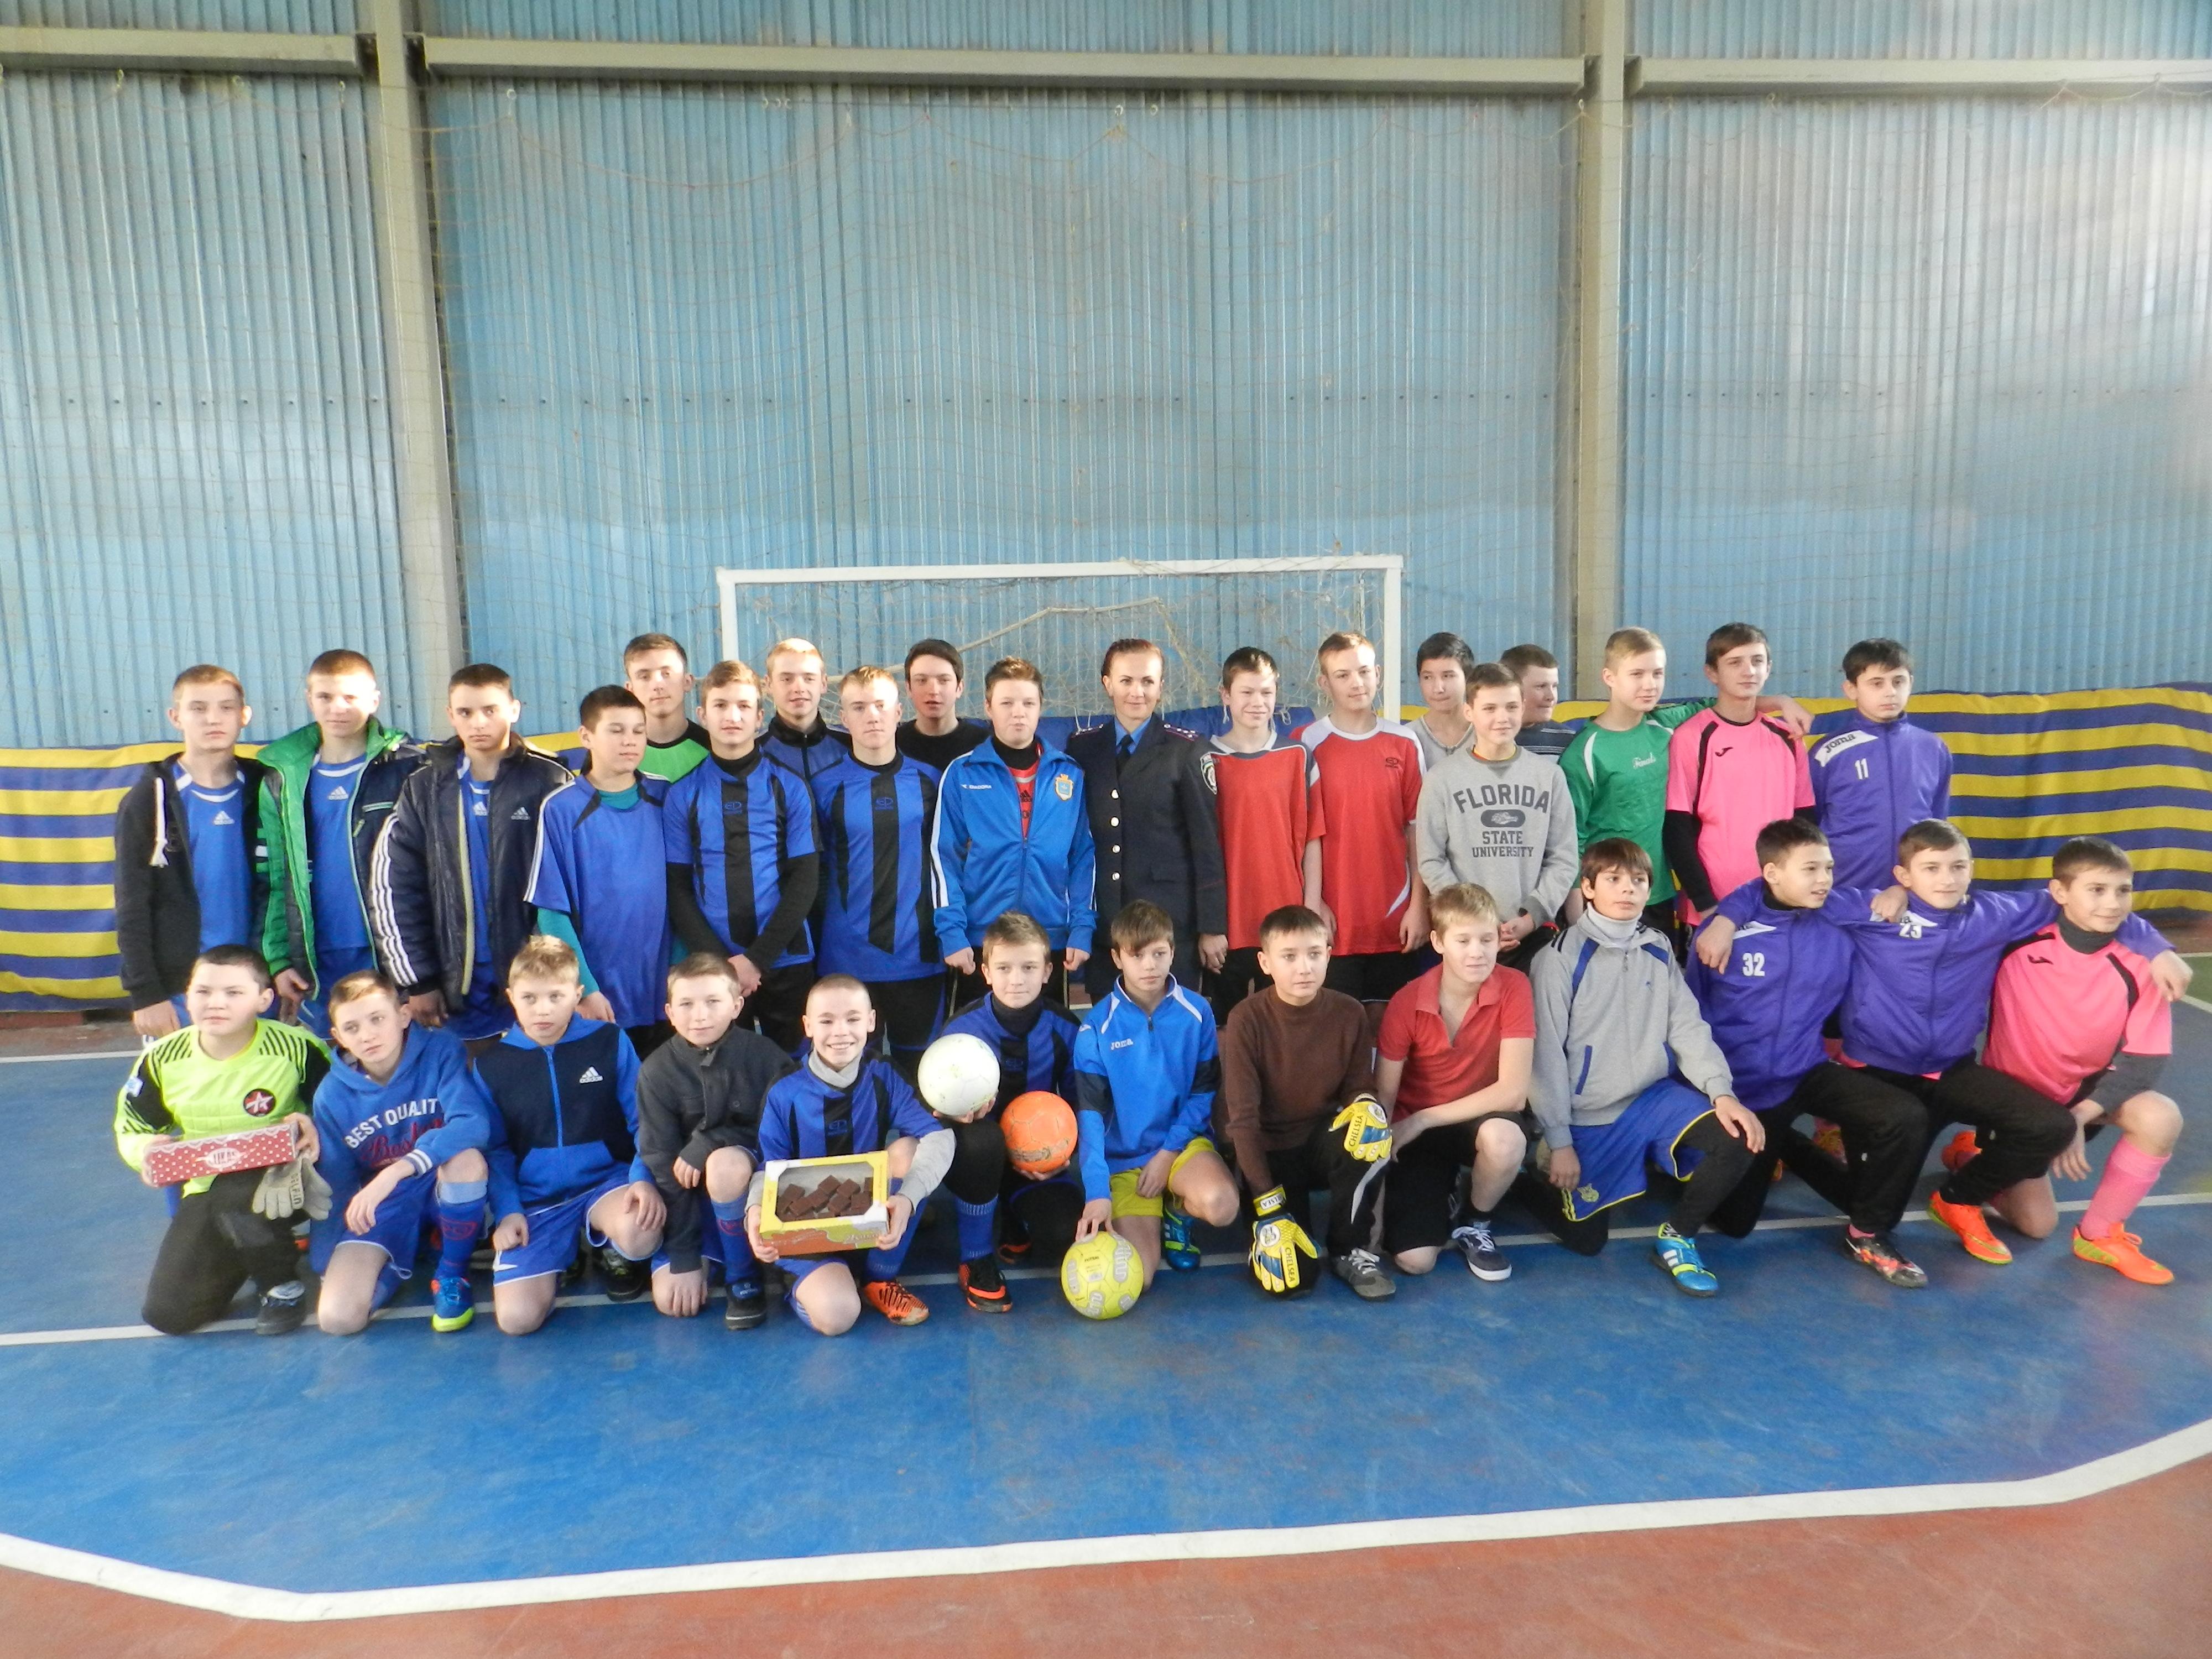 Підсумкипроведення півфінальних змагань ІІ етапу чемпіонату Херсонської області  з футзалу сезону 2014/2015 рр. серед команд юнаків 2002/2003 рр.н.